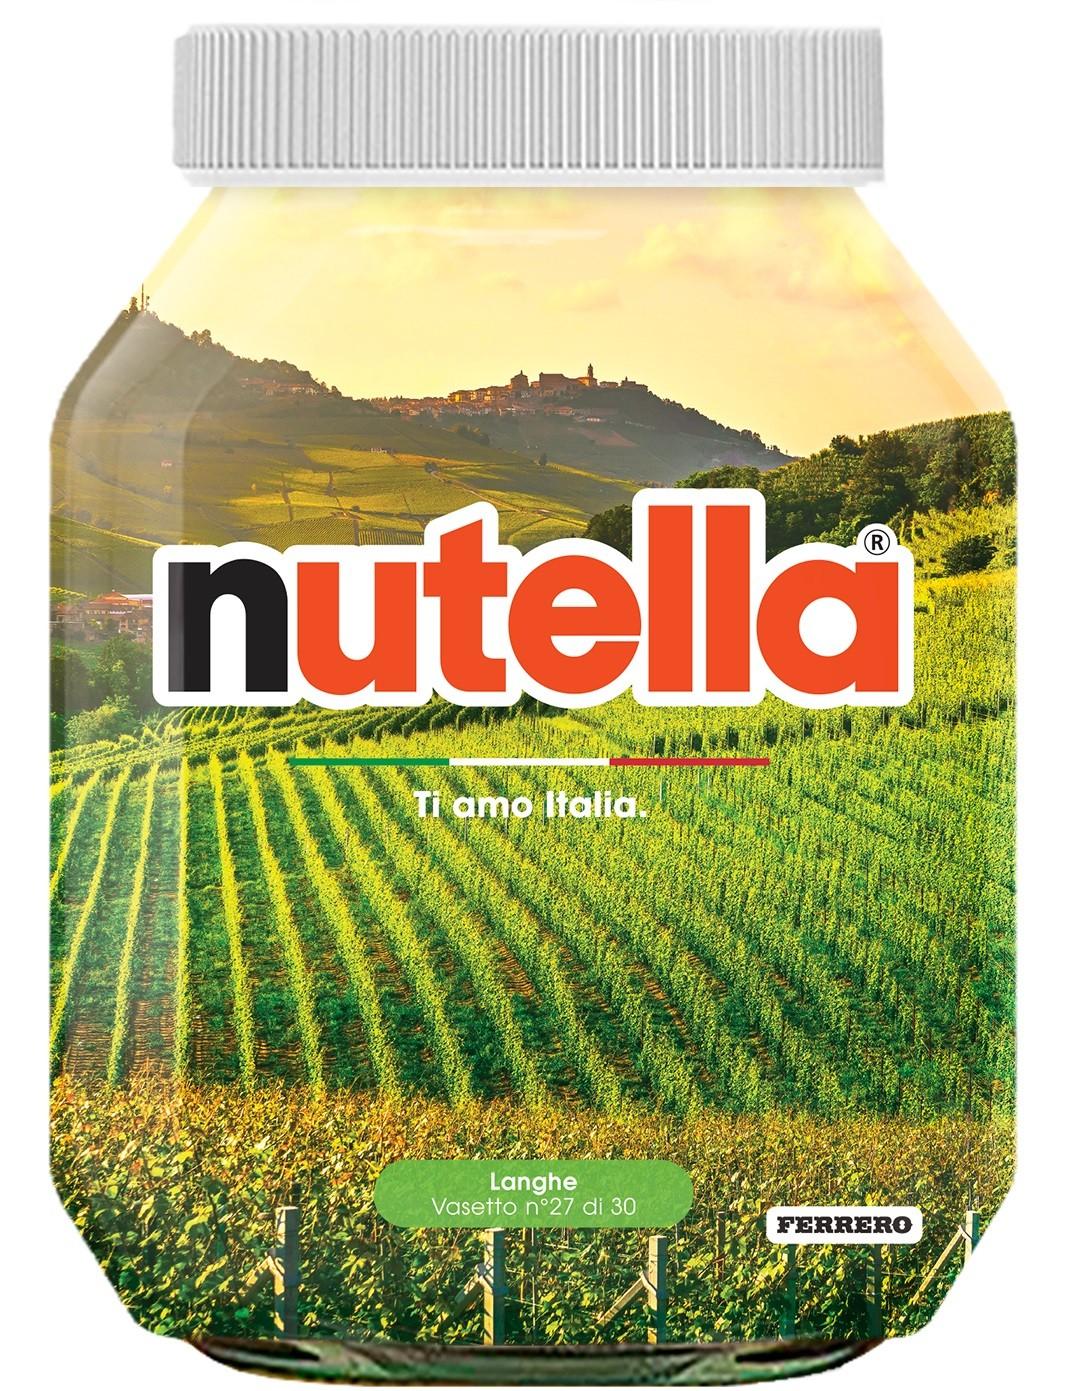 Nutella 27 Piemonte Langhe